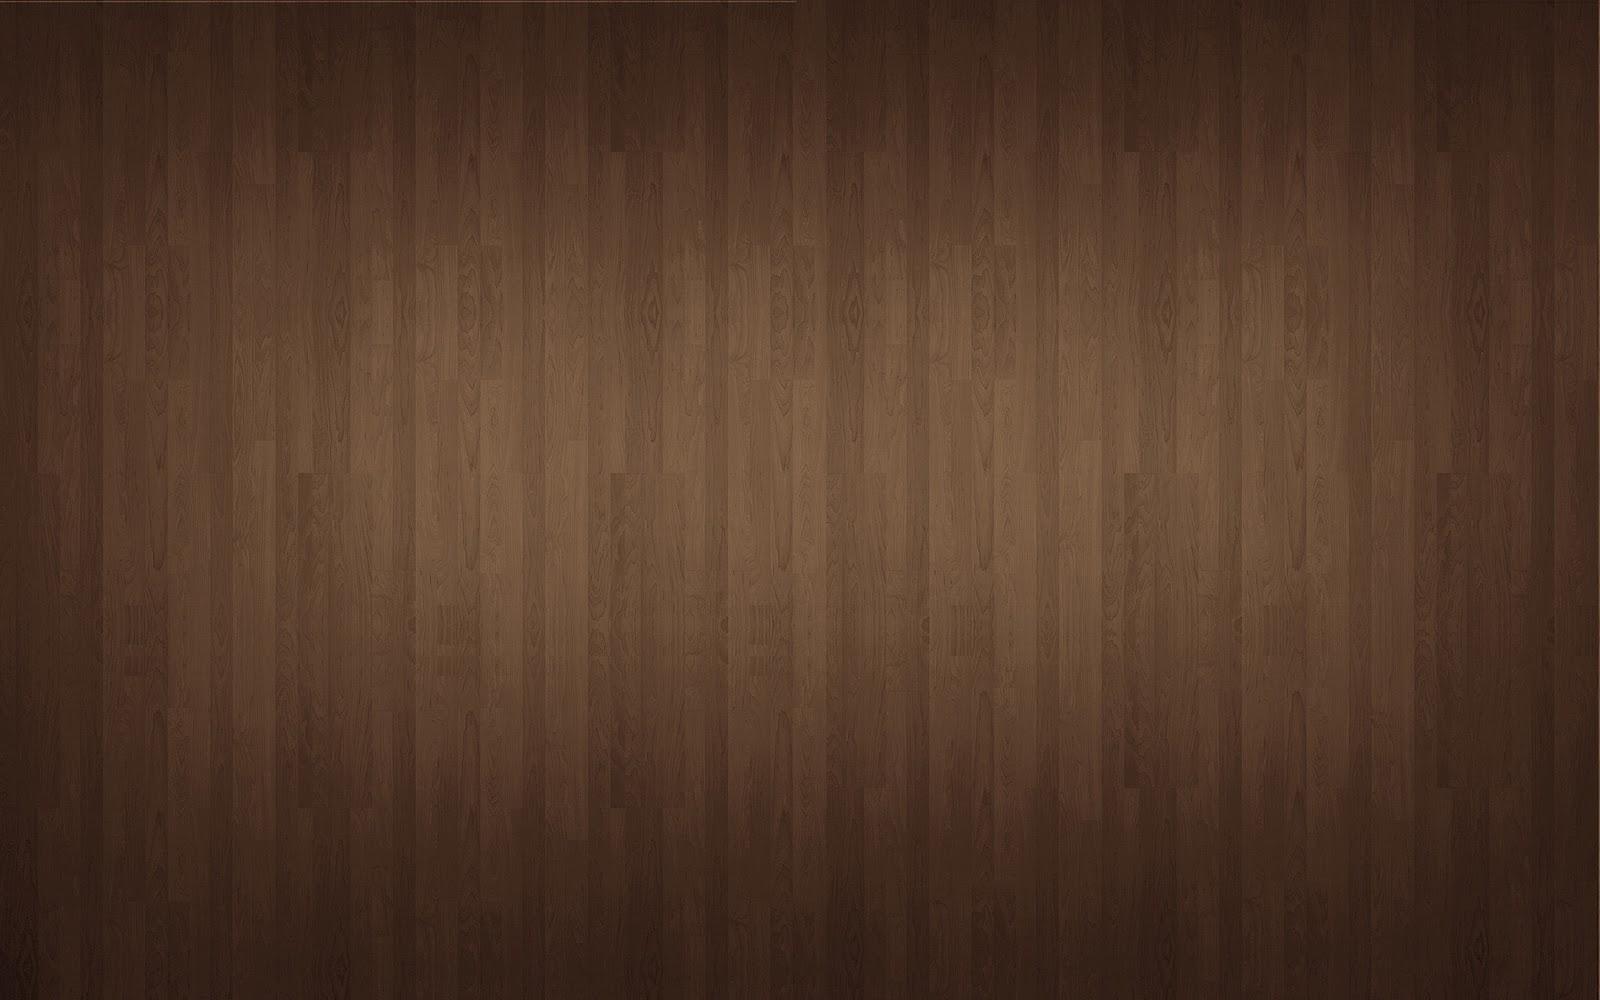 houten achtergronden hd - photo #4